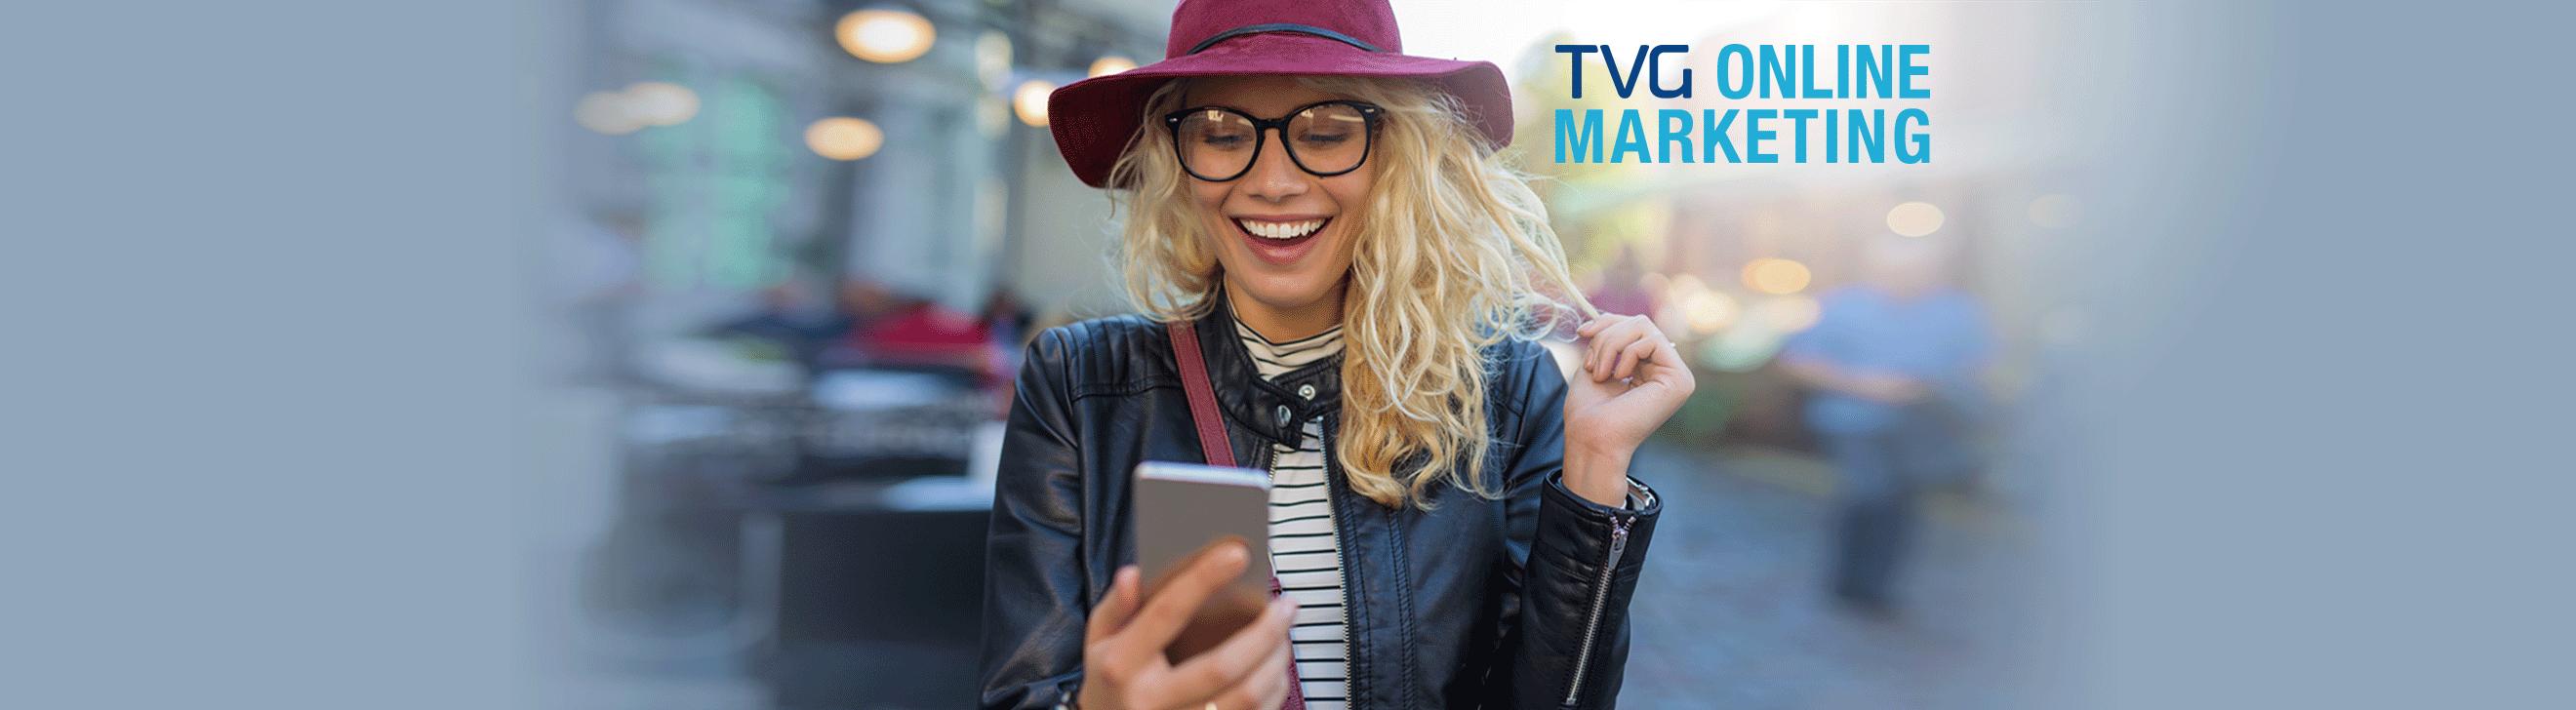 TVG Online Marketing Headerbild